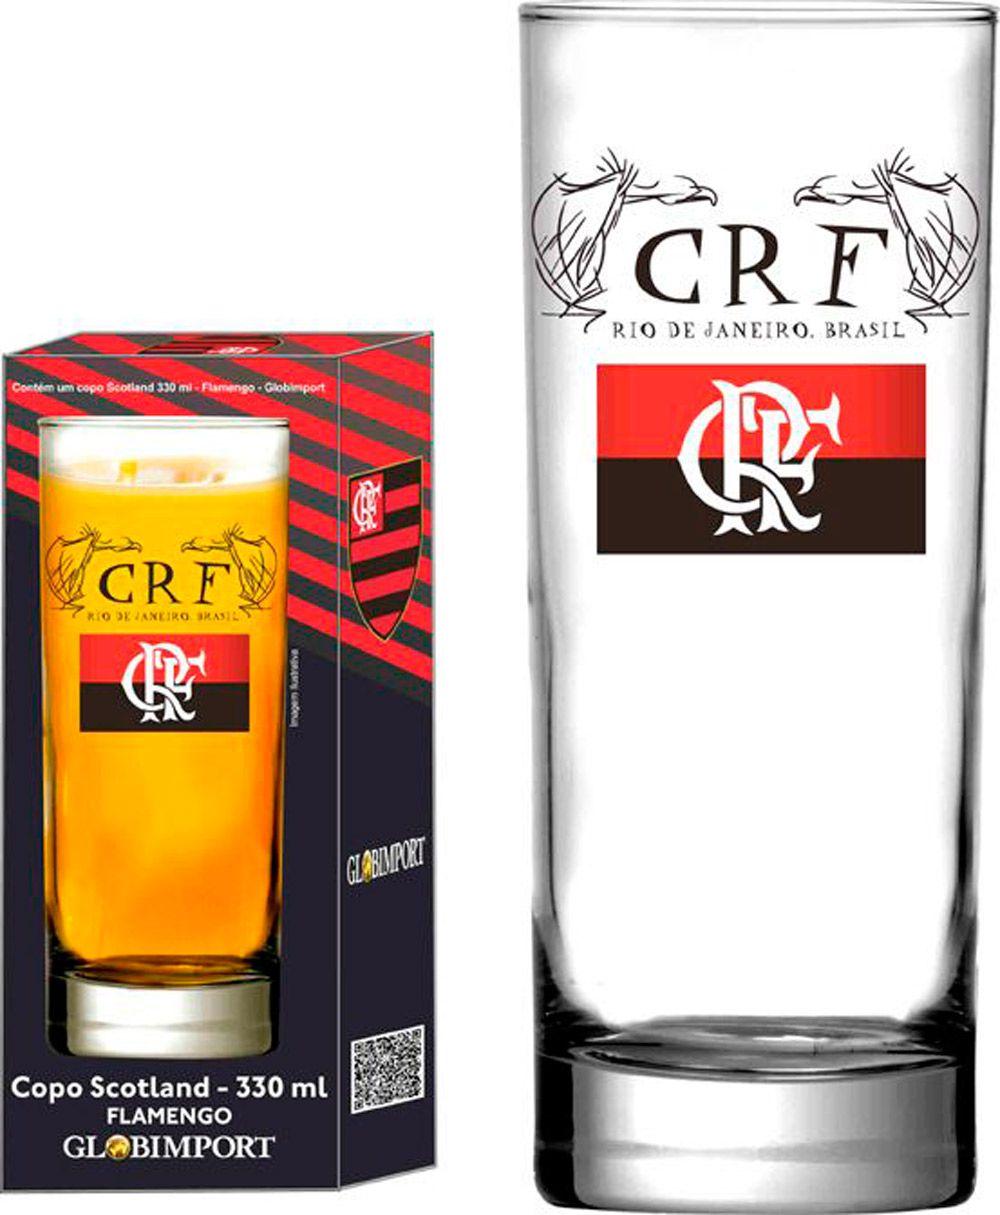 Copo Scotland Flamengo CRF - 330 ml